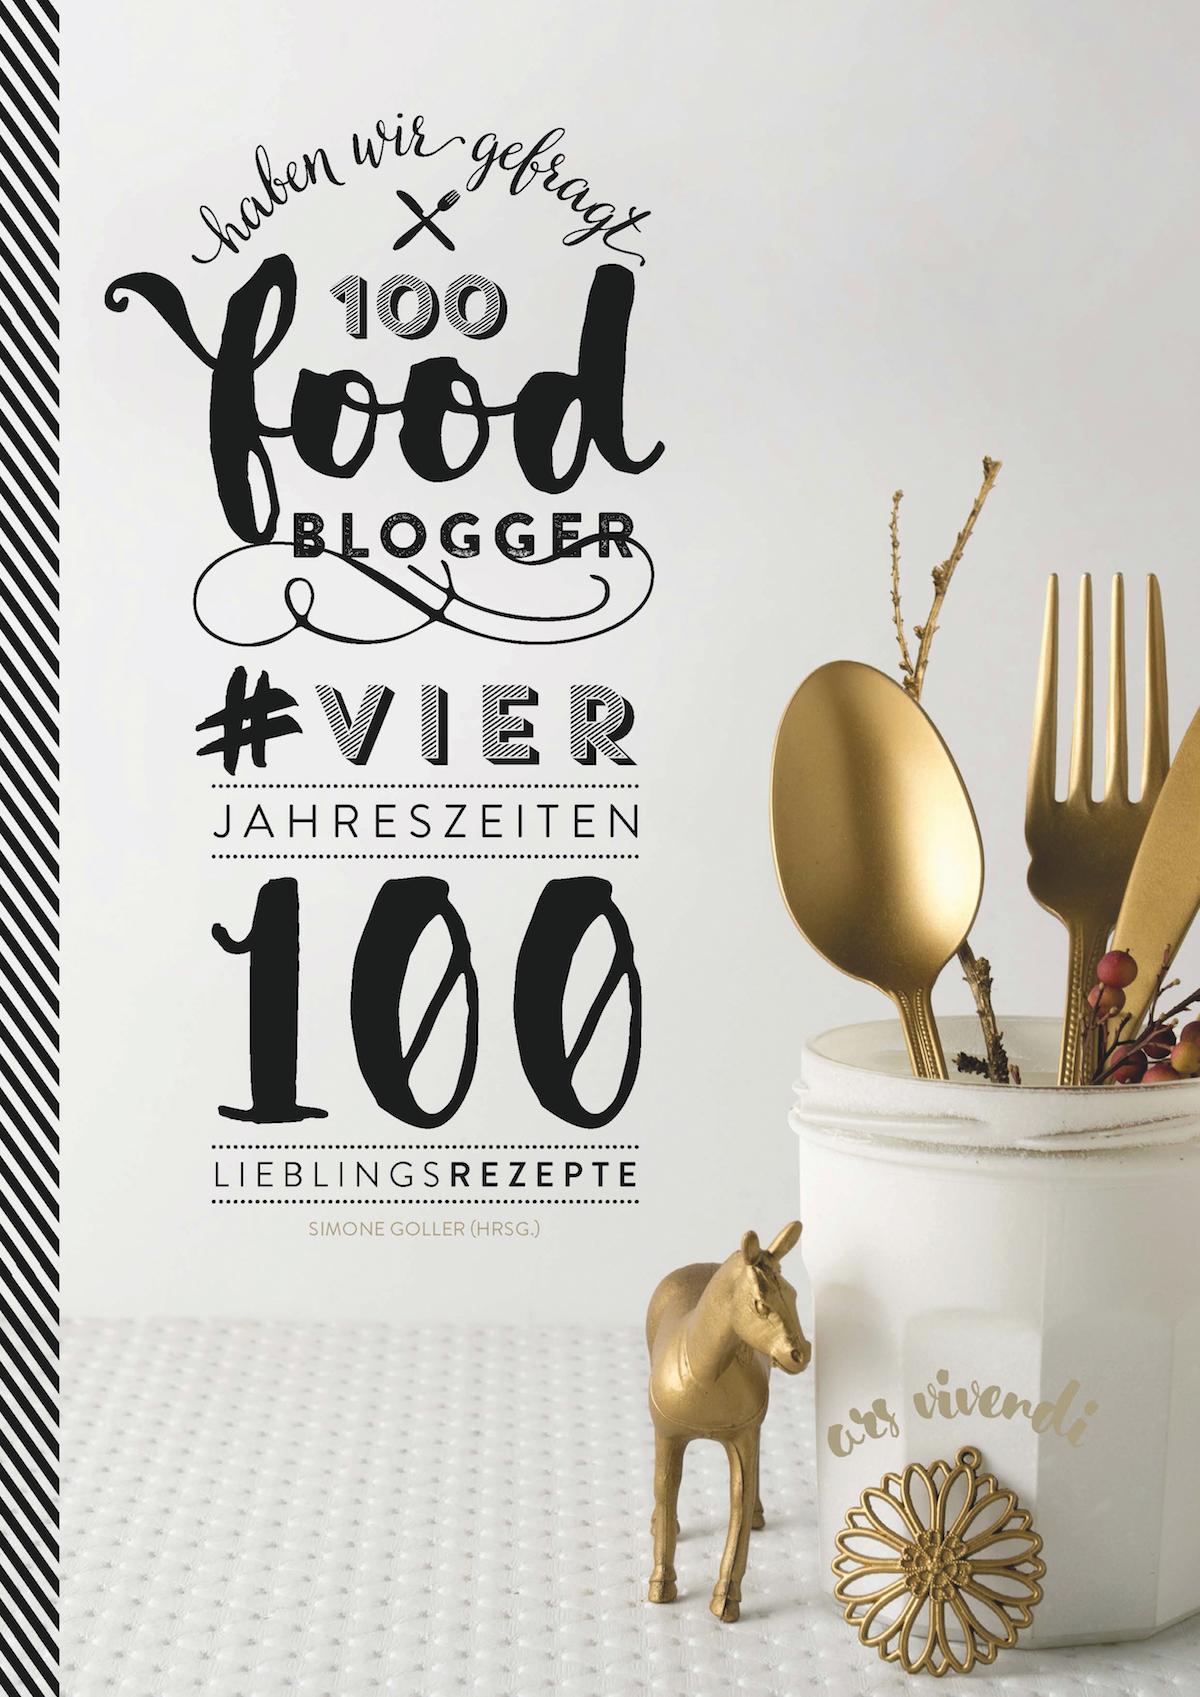 Buchvorstellung: 100 Foodblogger haben wir gefragt